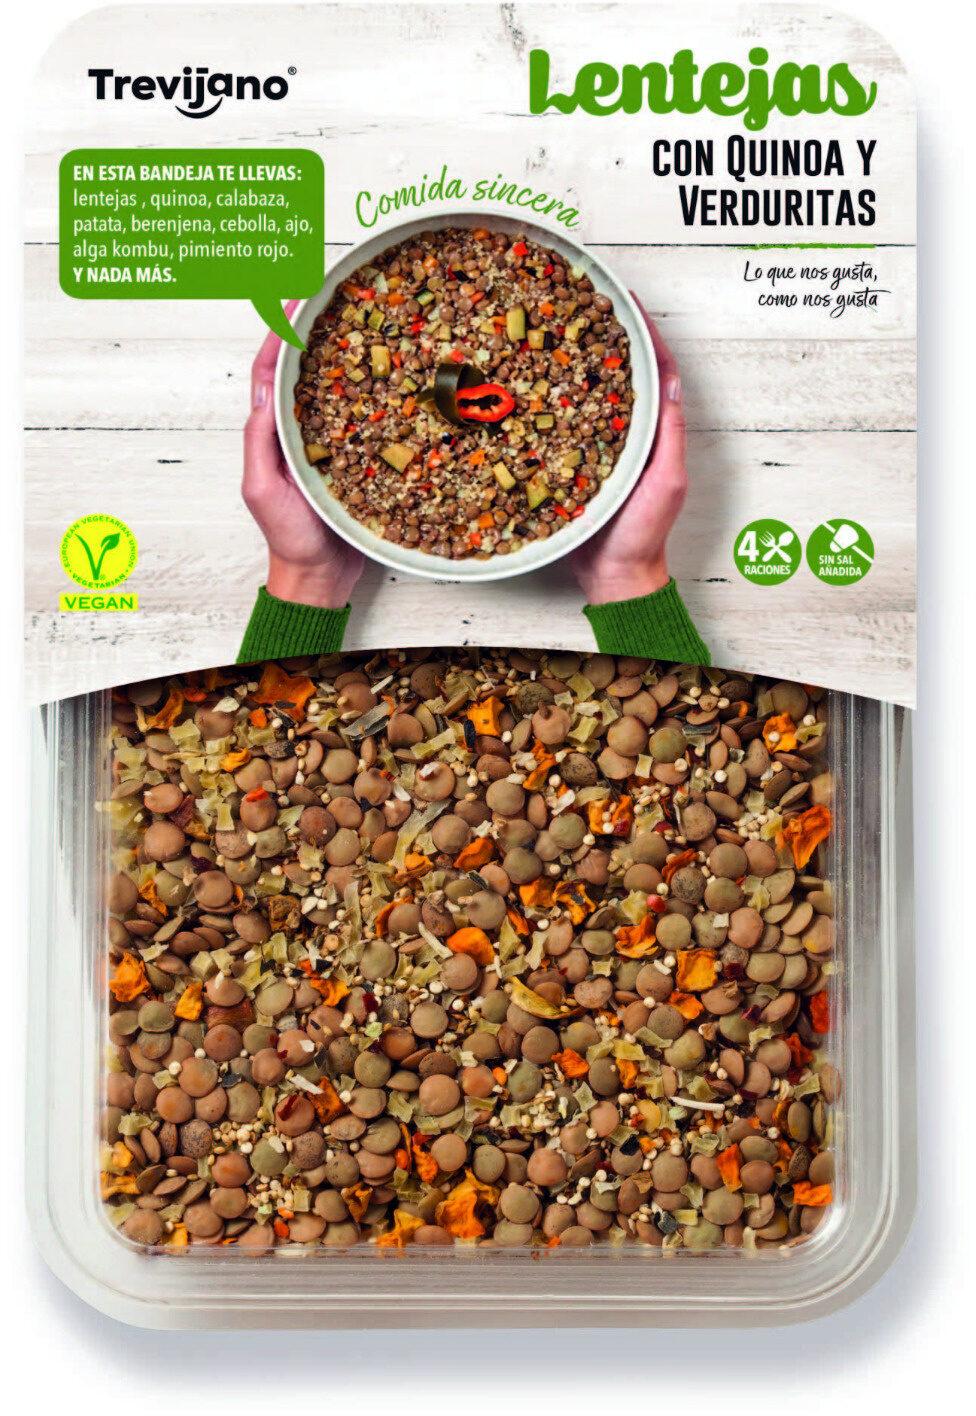 Lentejas con quinoa y verduritas - Producto - es